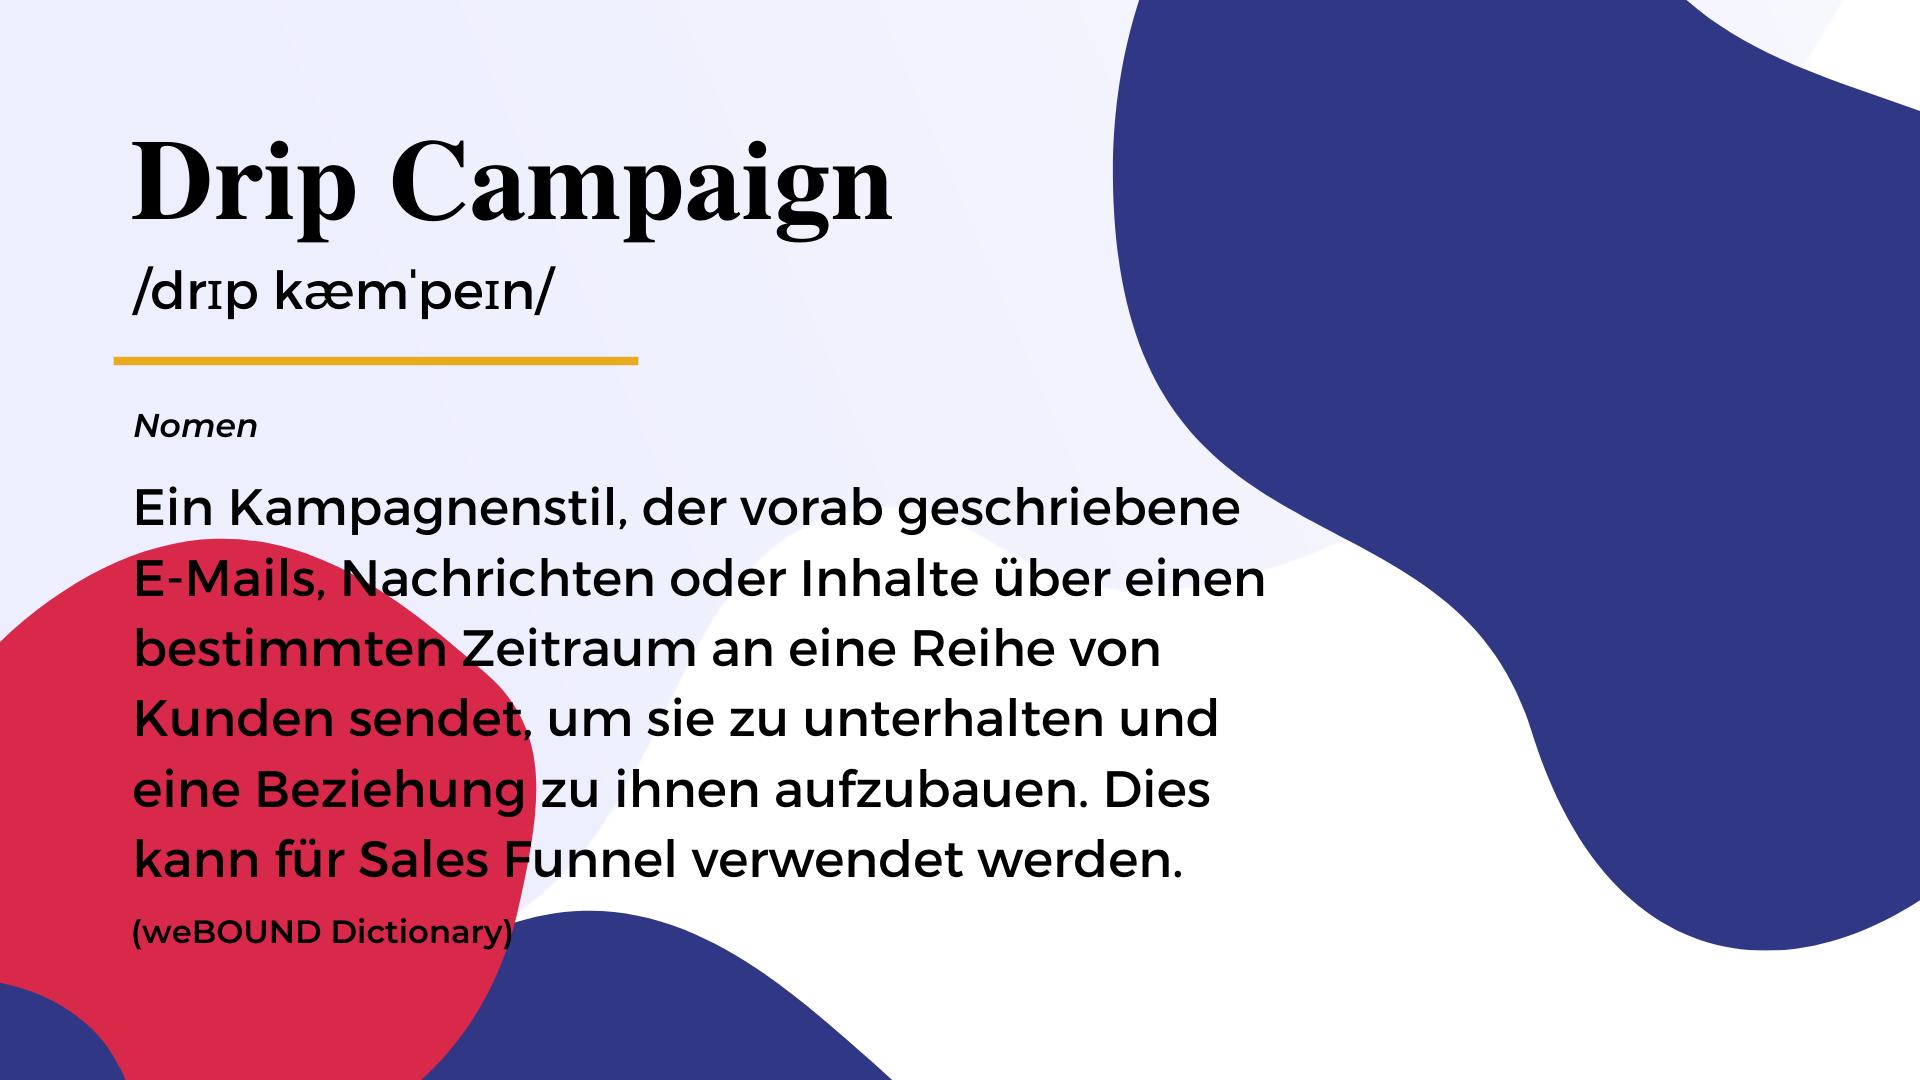 Ein Kampagnenstil, der vorab geschriebene E-Mails, Nachrichten oder Inhalte über einen bestimmten Zeitraum an eine Reihe von Kunden sendet, um sie zu unterhalten und eine Beziehung zu ihnen aufzubauen. Dies kann für Sales Funnel verwendet werden.